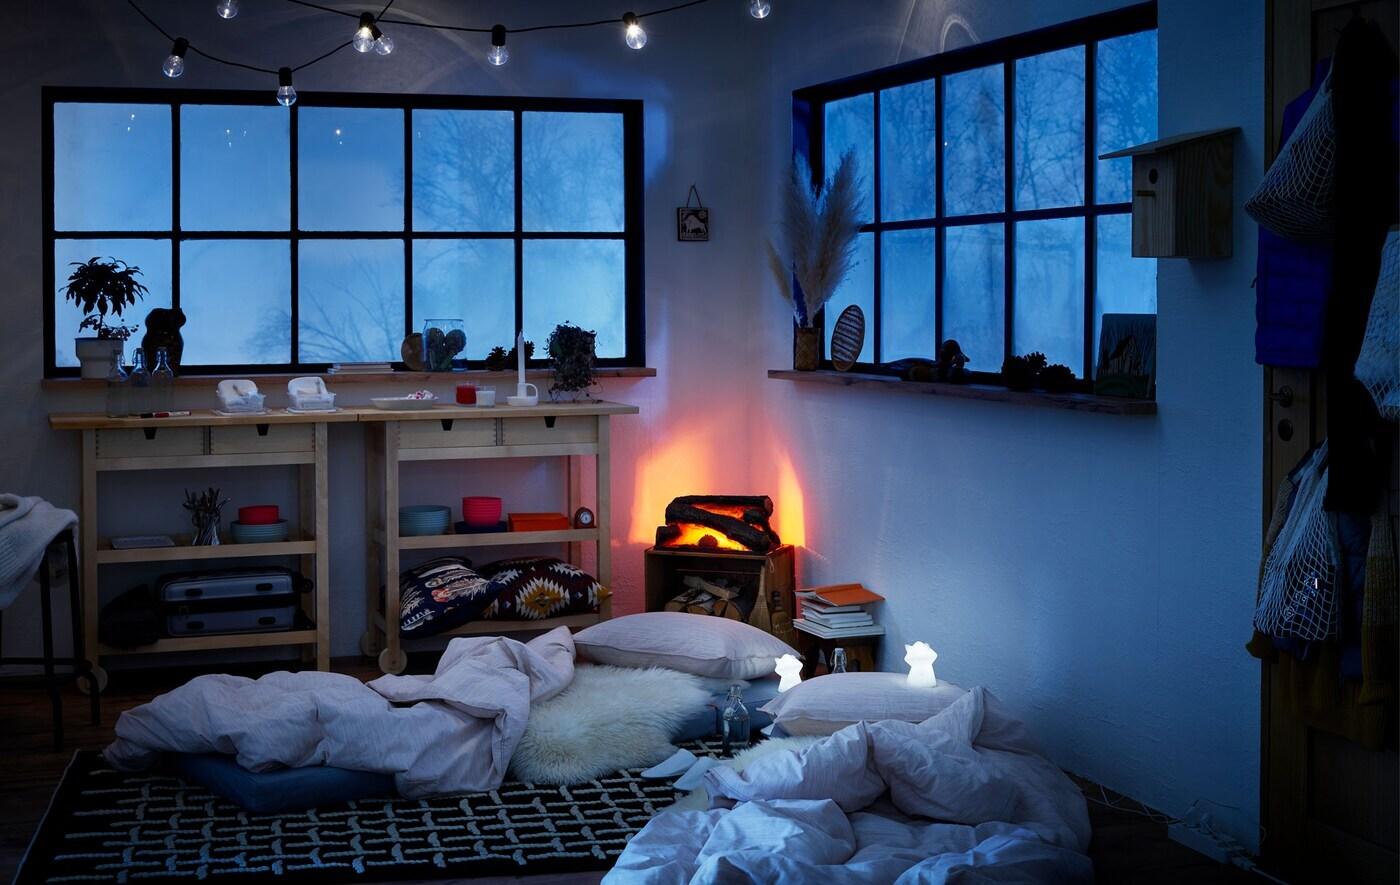 Interiér ve stylu srubu, zamrzlá okna, na zemi matrace pro přespání hostů